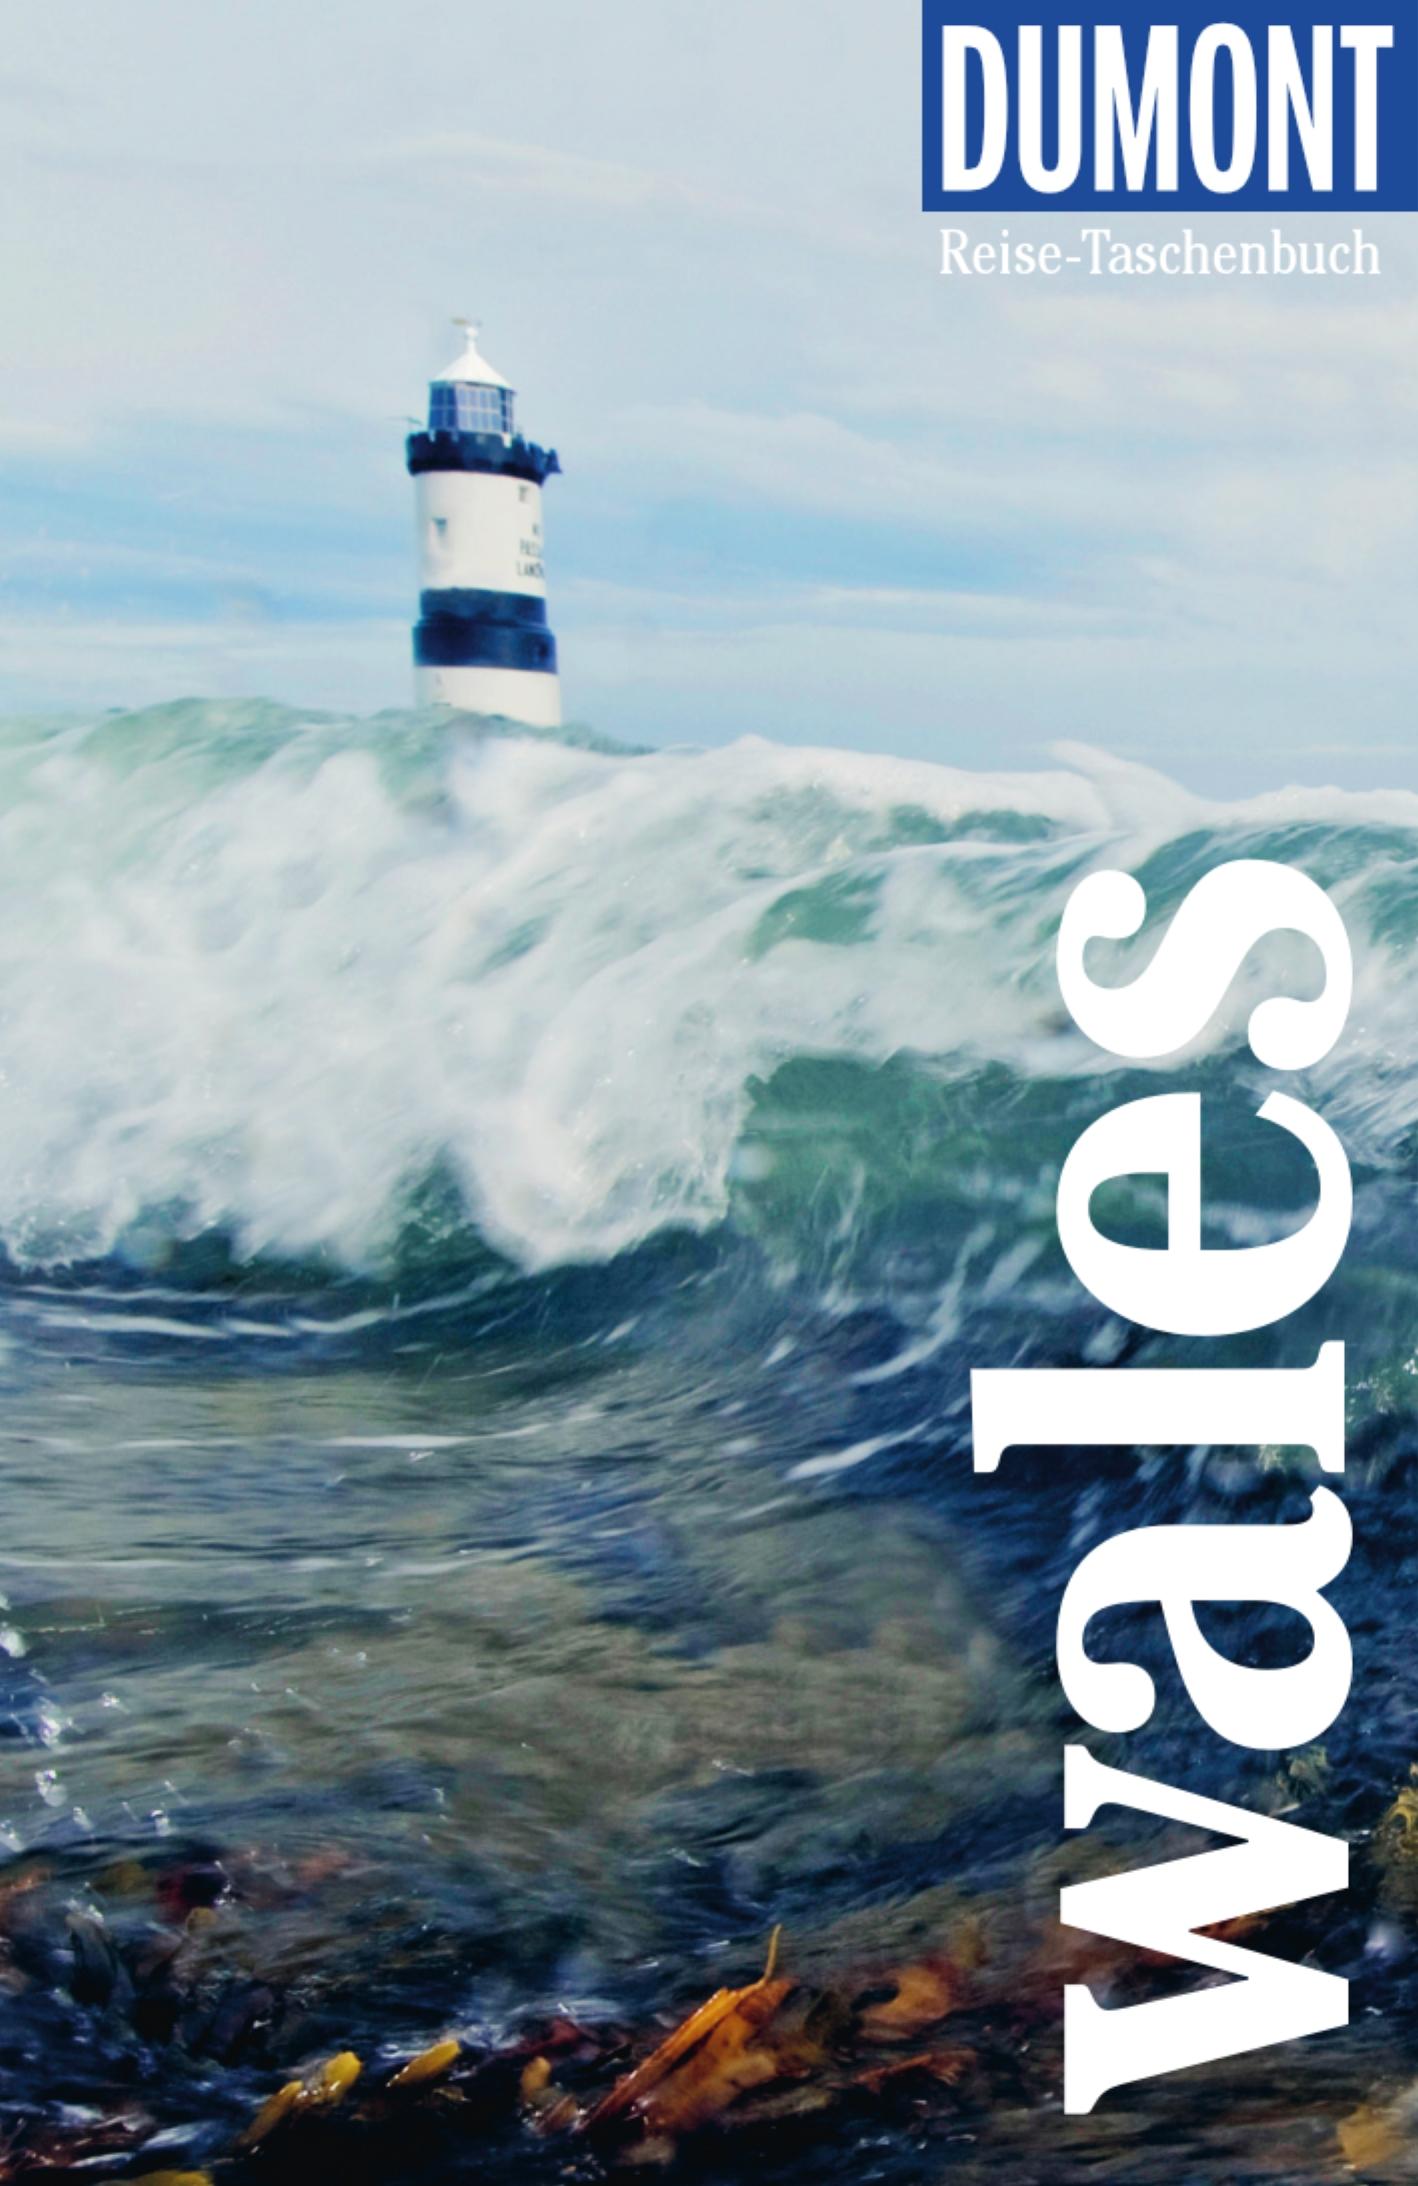 DuMont Reise-Taschenbuch – Wales (Cover)